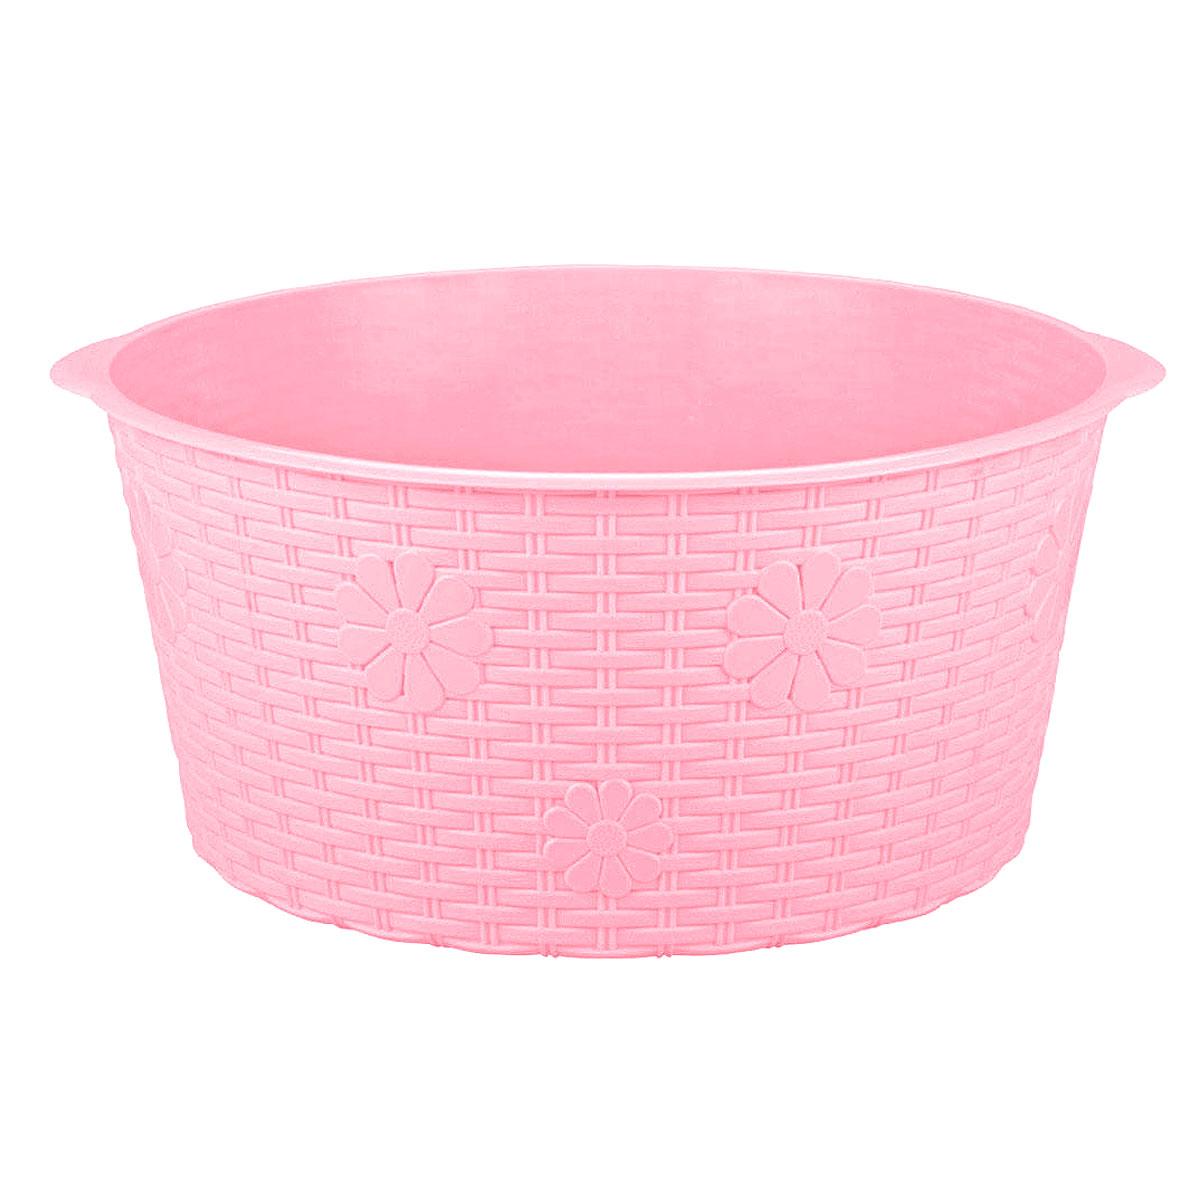 Таз Плетенка, цвет: розовый, 20 лМ2257Таз Плетенка изготовлен из высококачественного пластика. Он выполнен в классическом круглом варианте. Для удобного использования таз снабжен двумя ручками. Таз предназначен для стирки и хранения разных вещей. Он пригодится в любом хозяйстве.